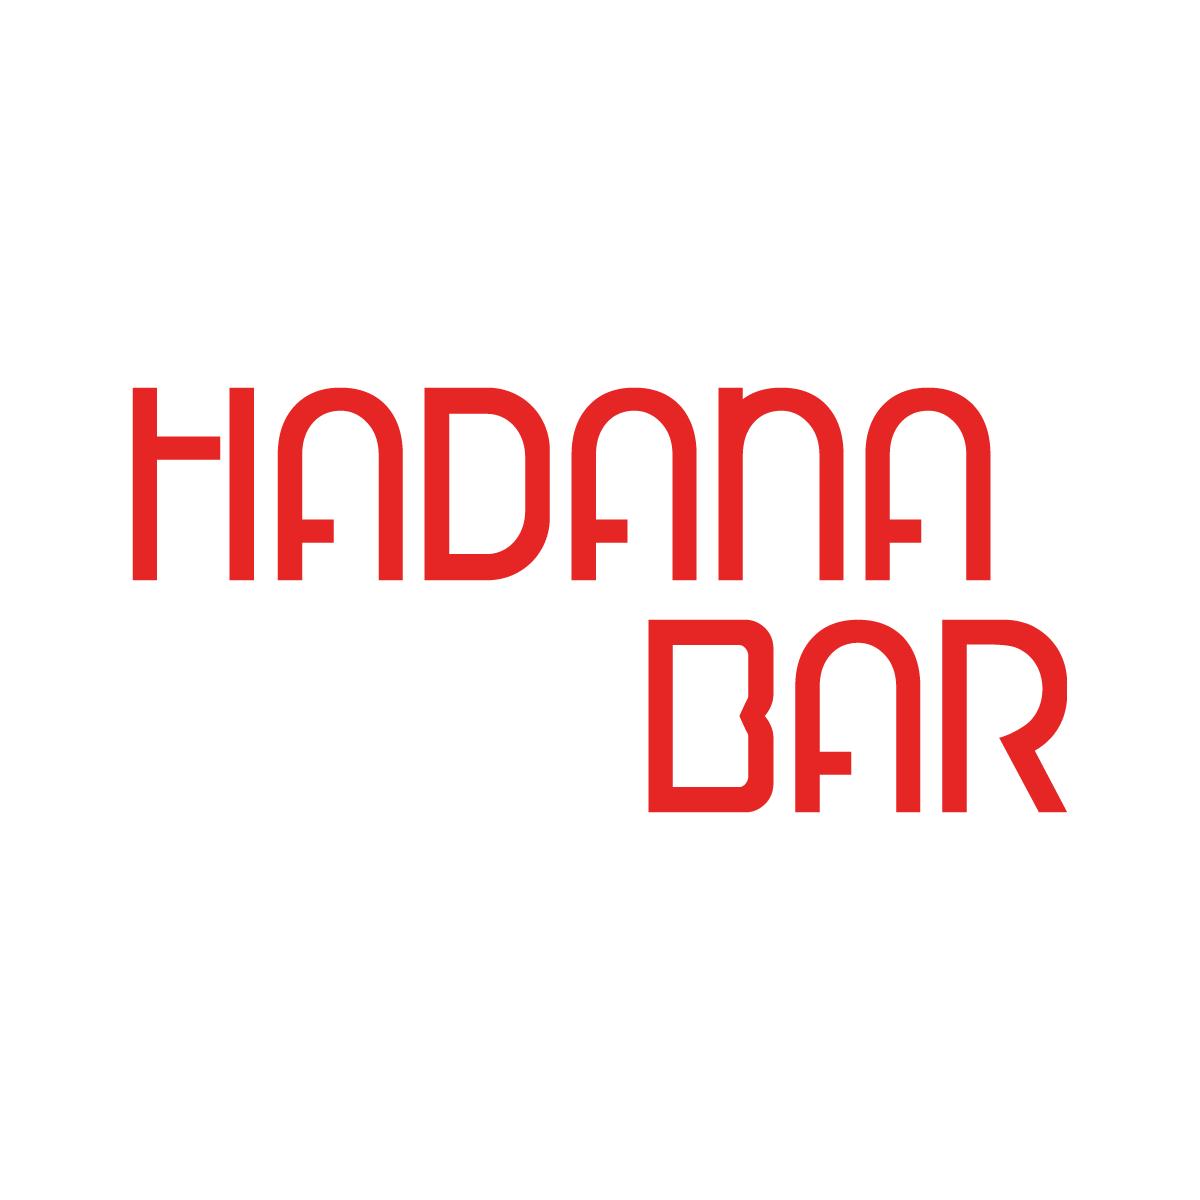 Hadana Bar